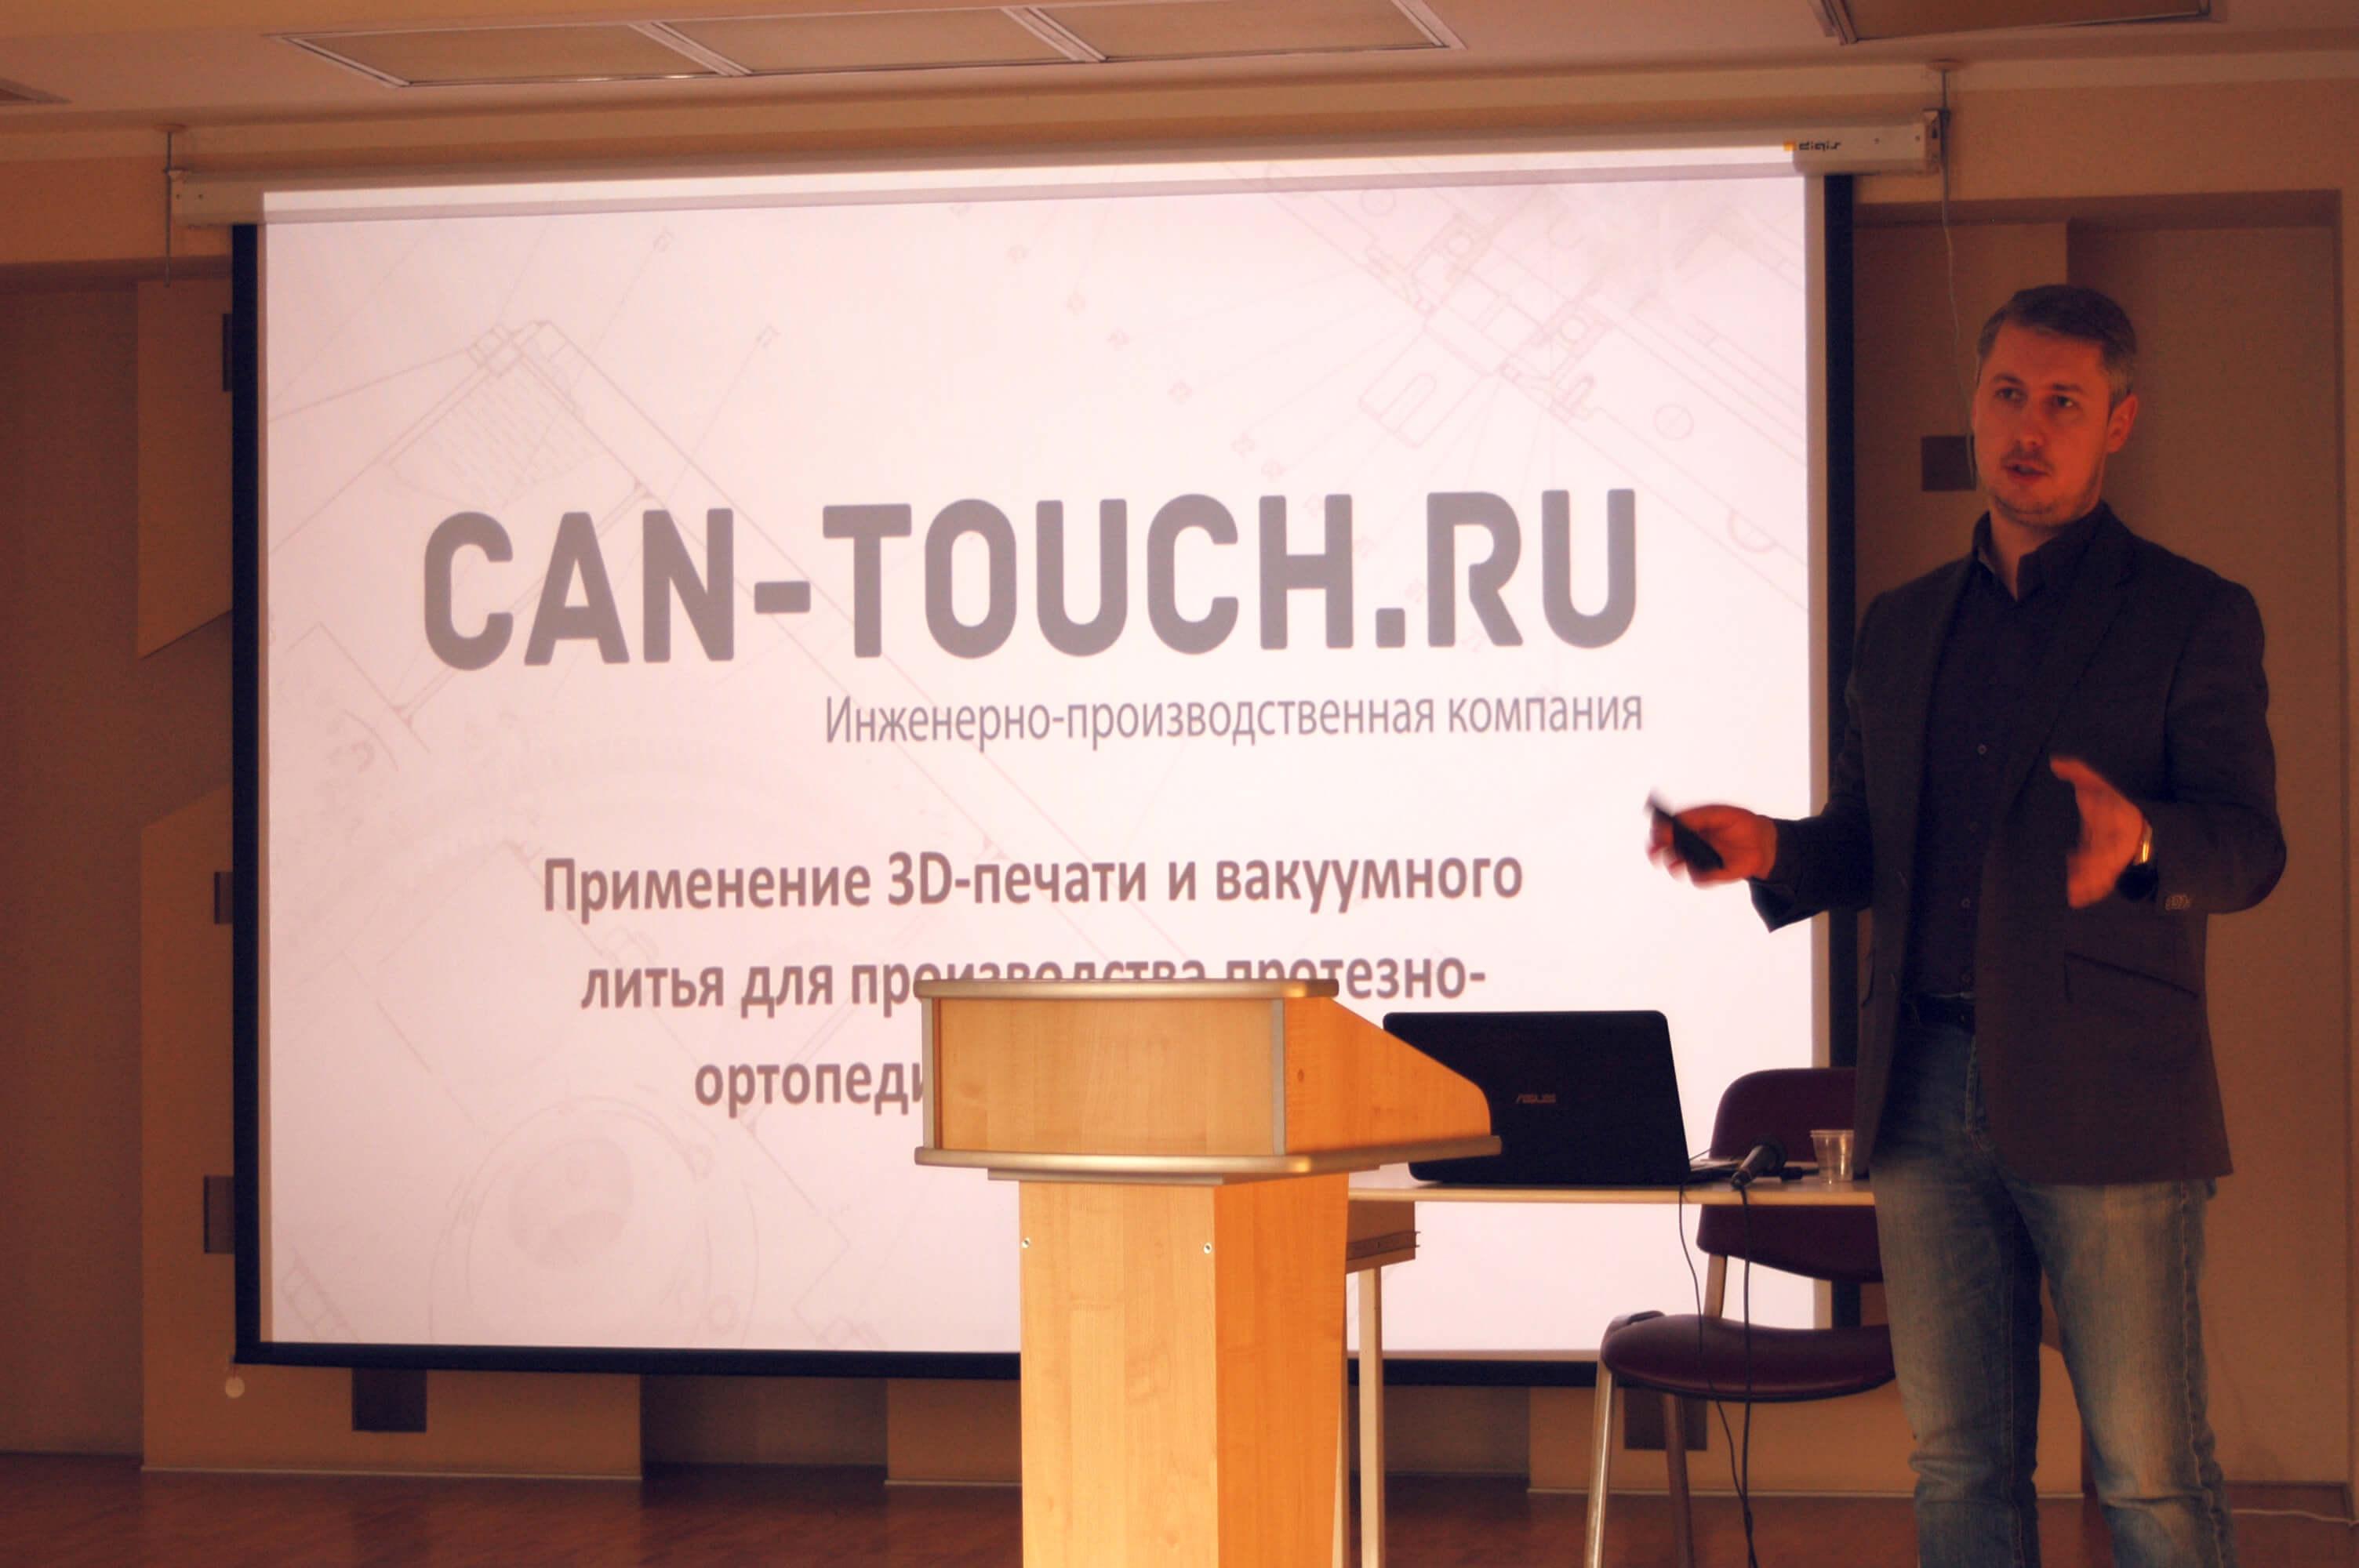 Выступление Владимира Румянцева и Даниила Емелина на семинаре по протезированию верхних конечностей.